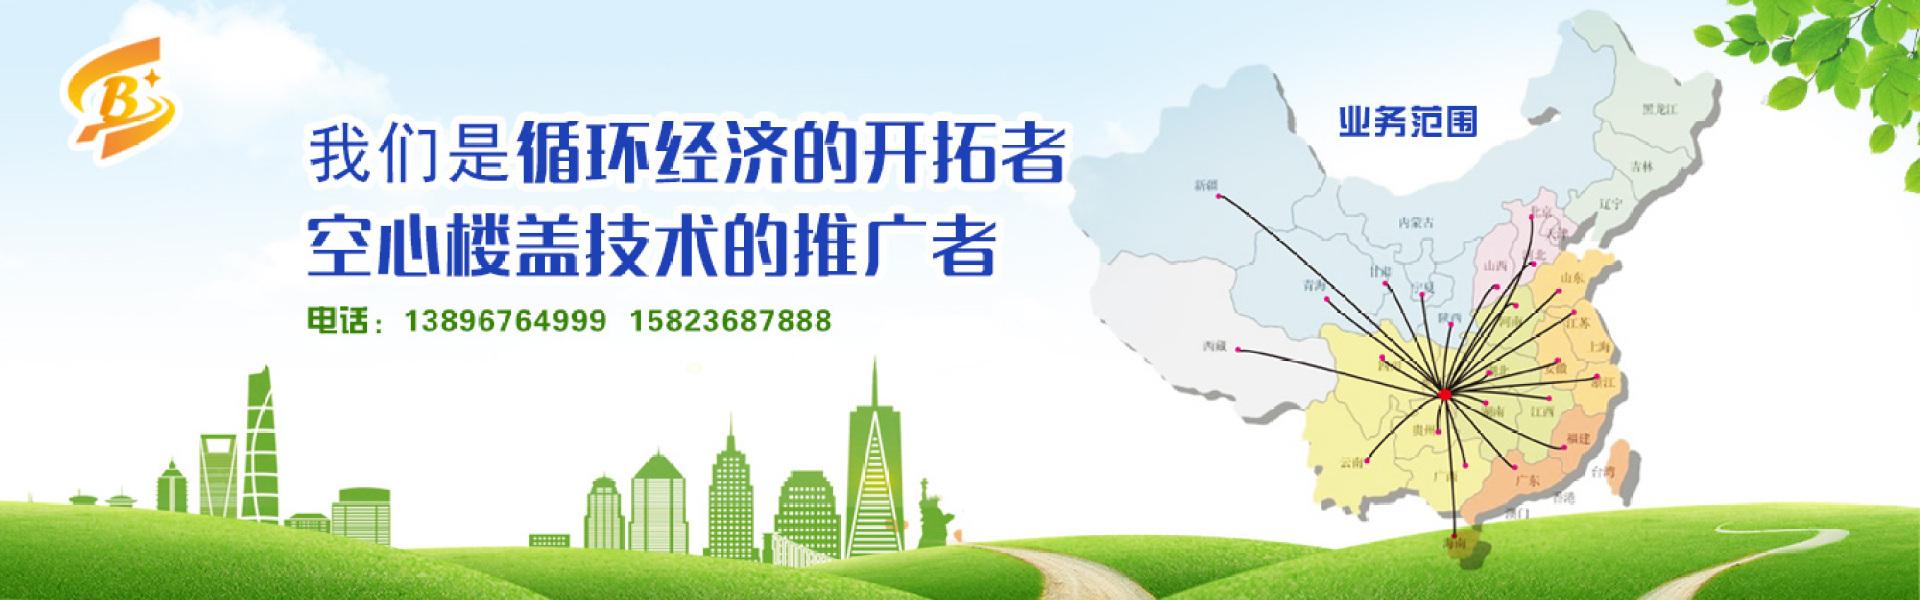 重庆博双建材主要从事石膏墨盒、空心楼盖、石膏粉